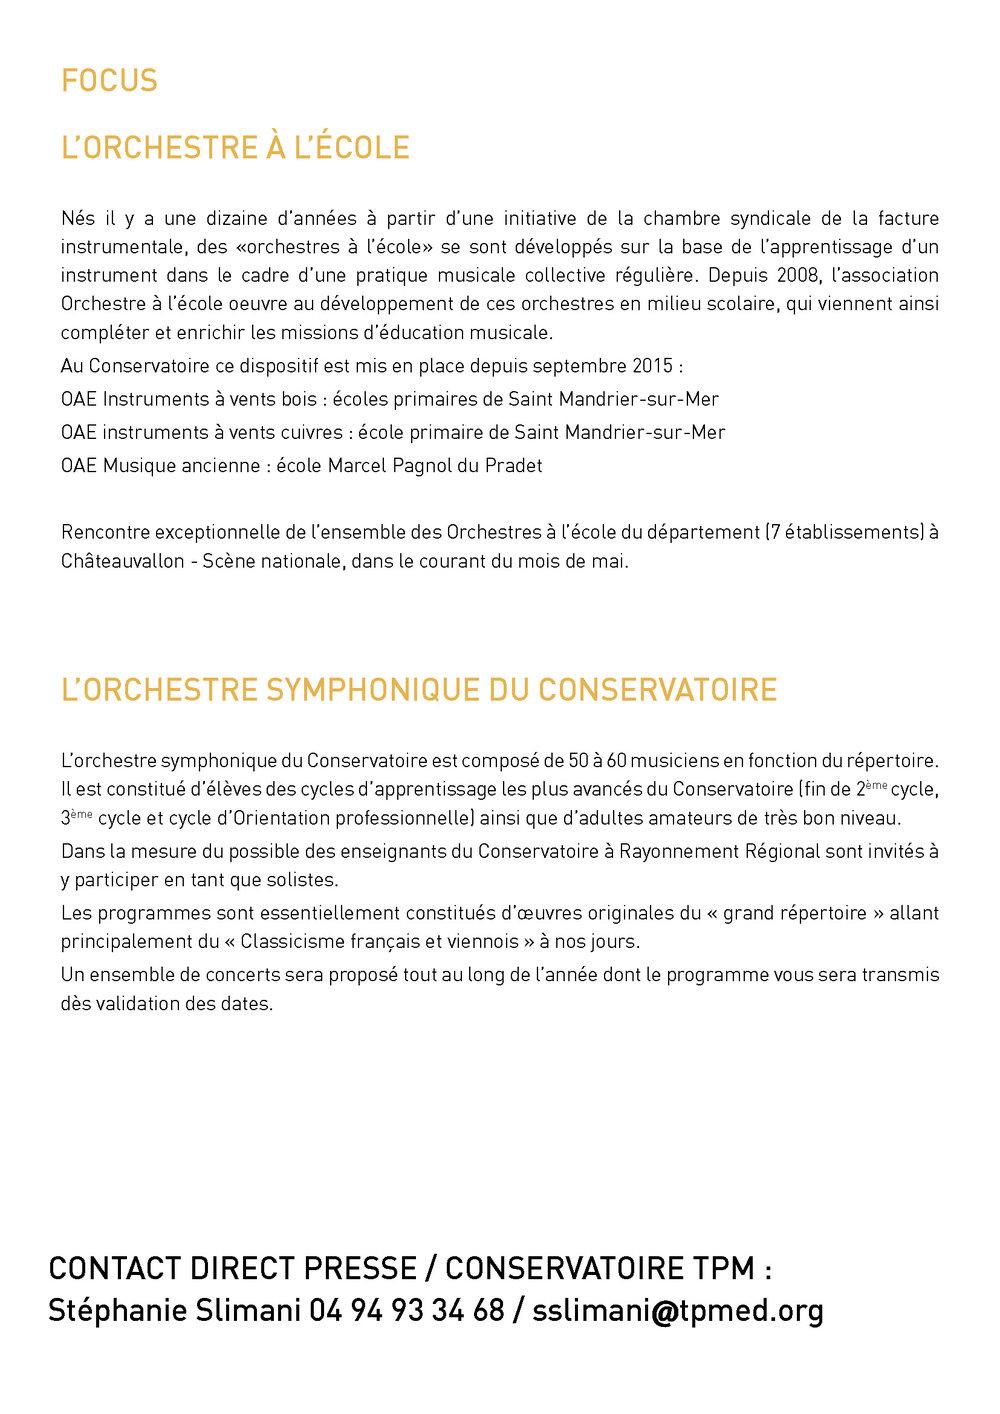 programme_conservatoire_tpm_saison_2017-2018_Page_12.jpg